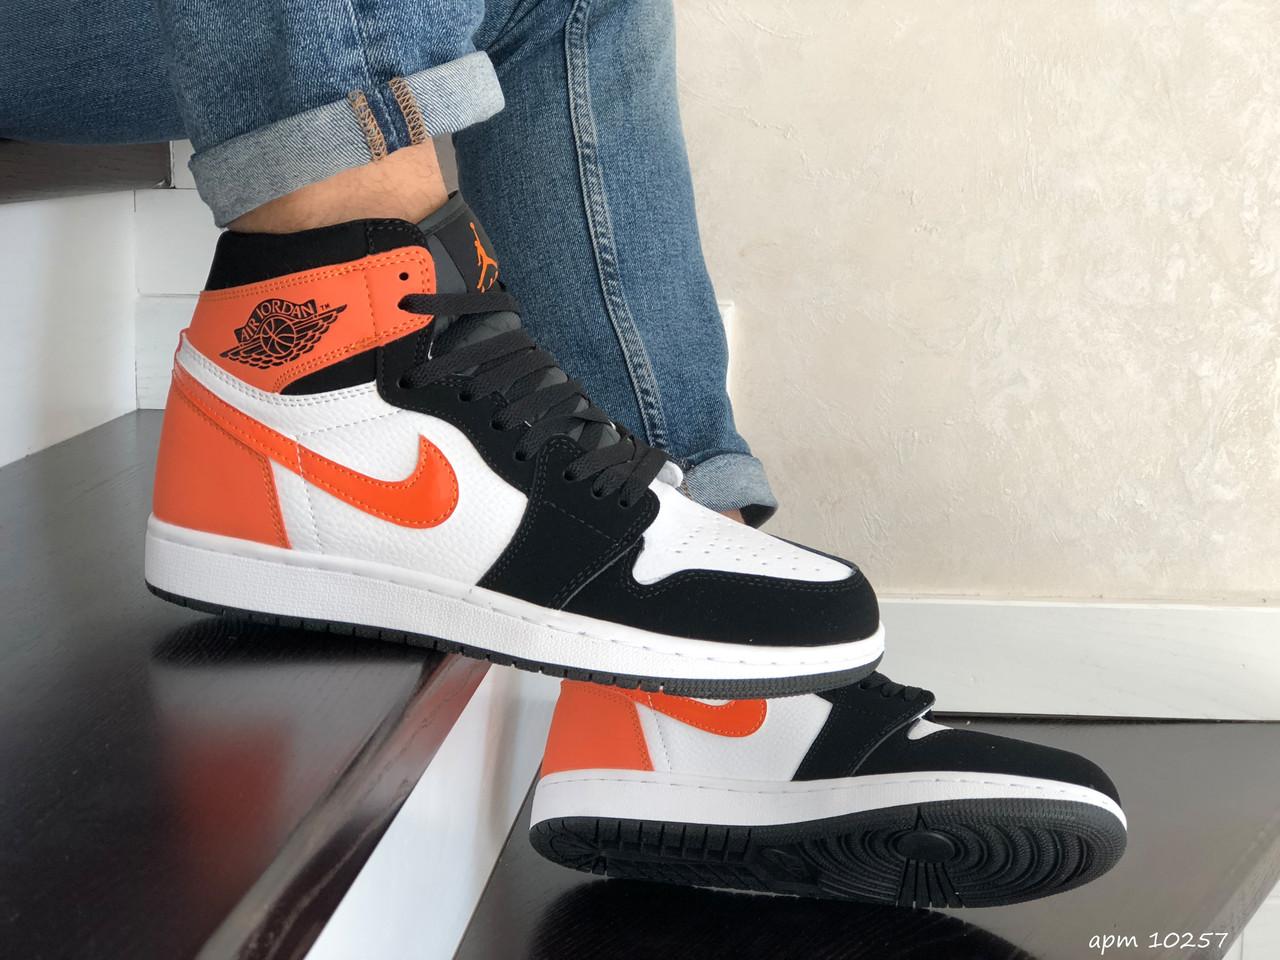 Баскетбольные кроссовки Nike Air Jordan, белые / кроссовки Найк аир джордан (Топ реплика ААА+)